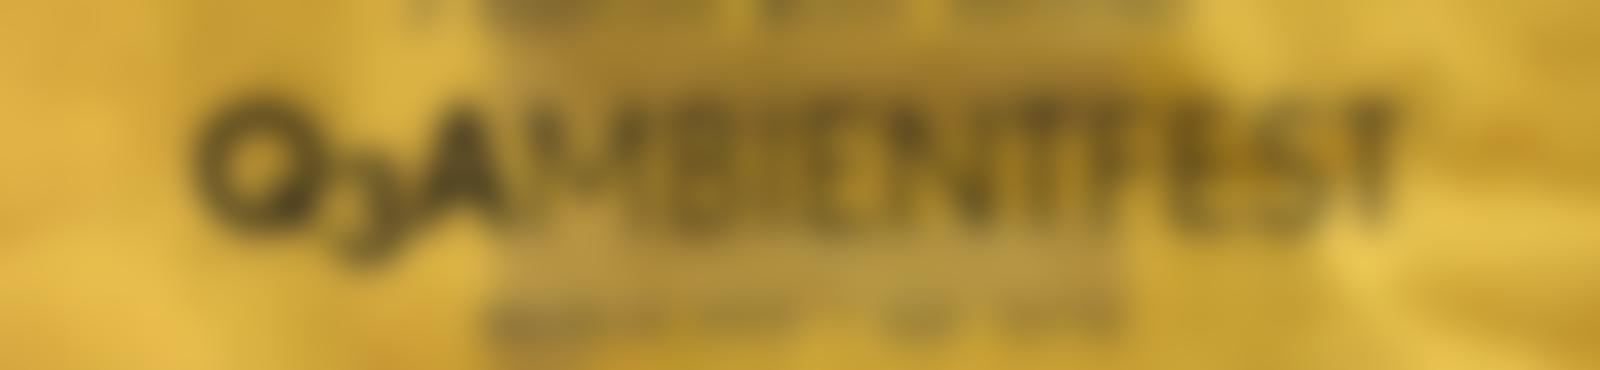 Blurred 719fa81d f3e1 4daa 8b93 1c13e165c94a